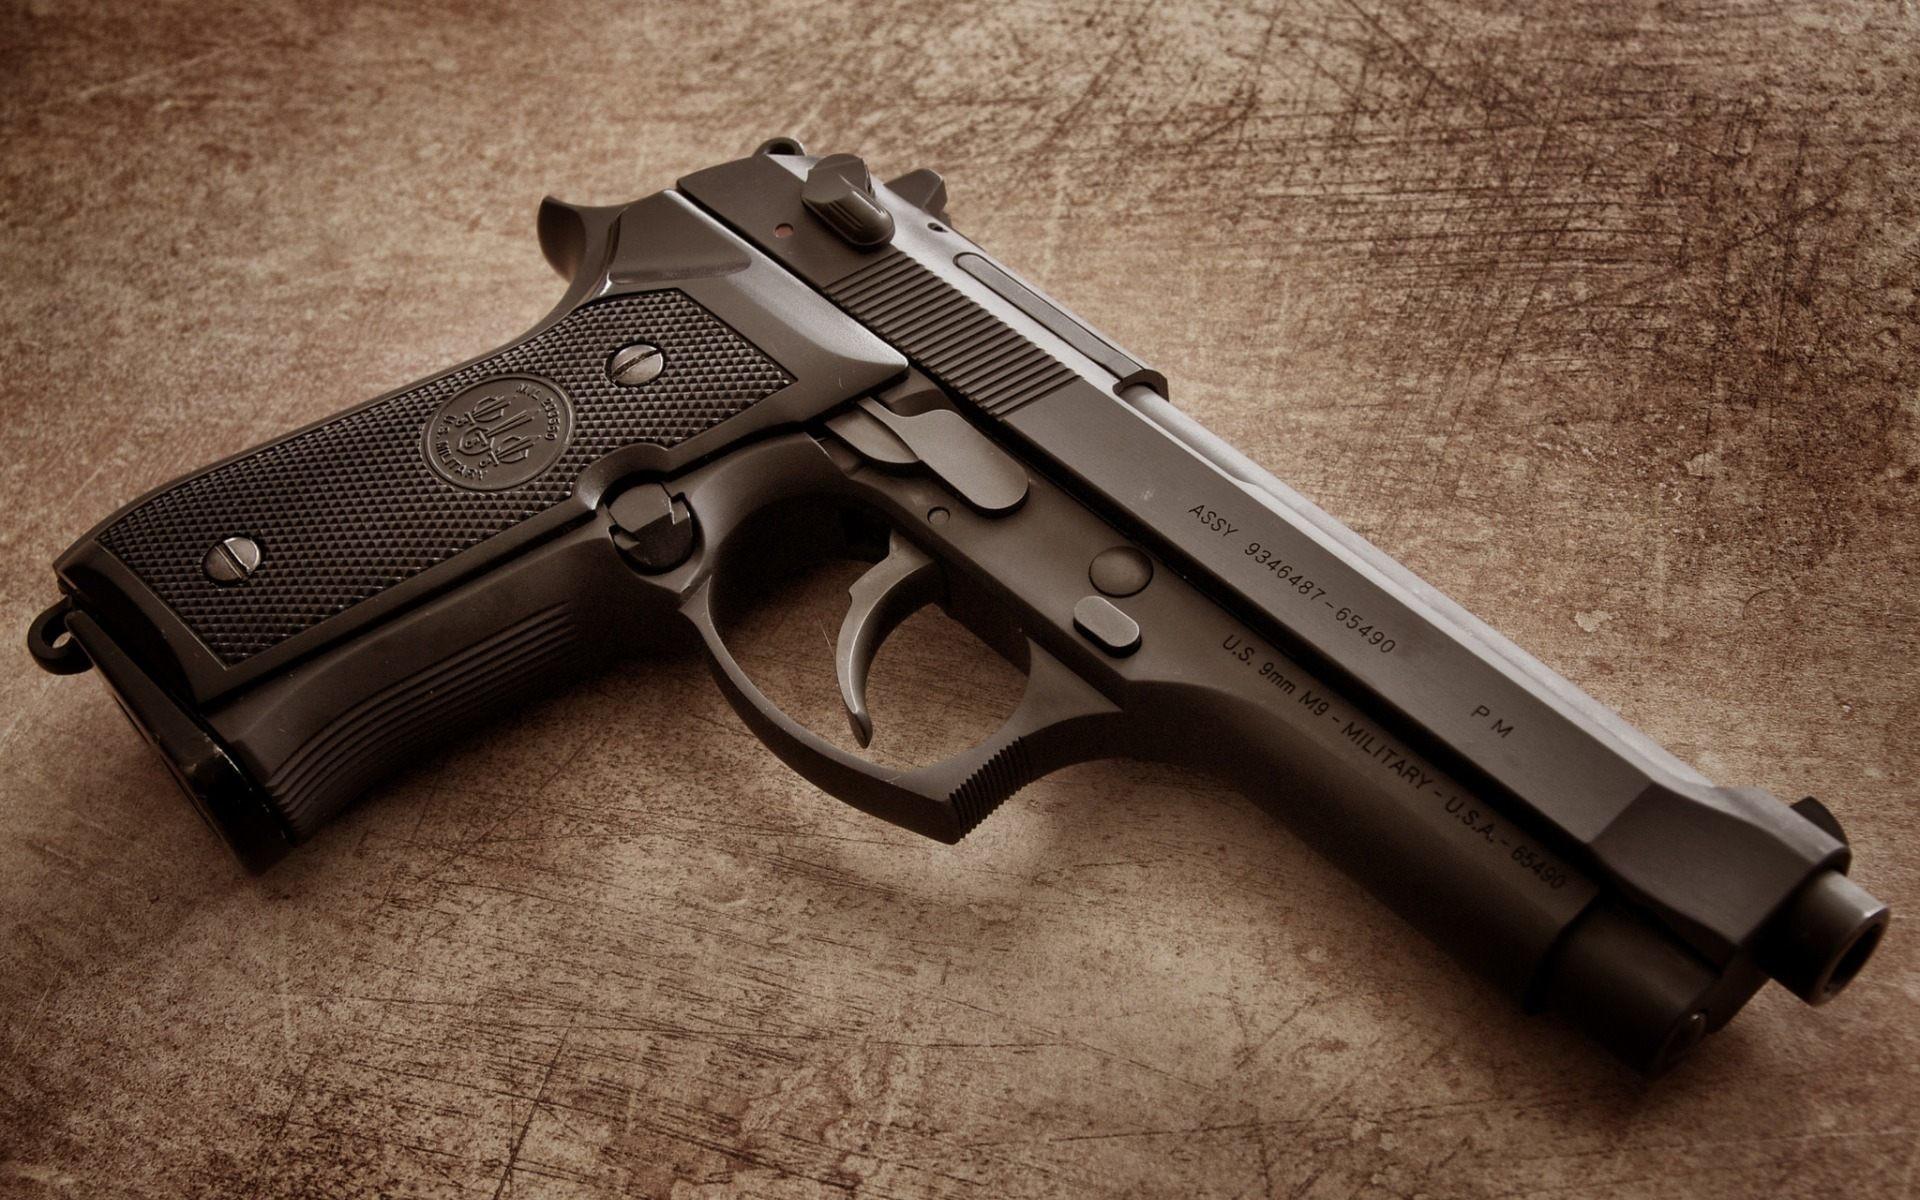 Hd wallpaper 1080p guns